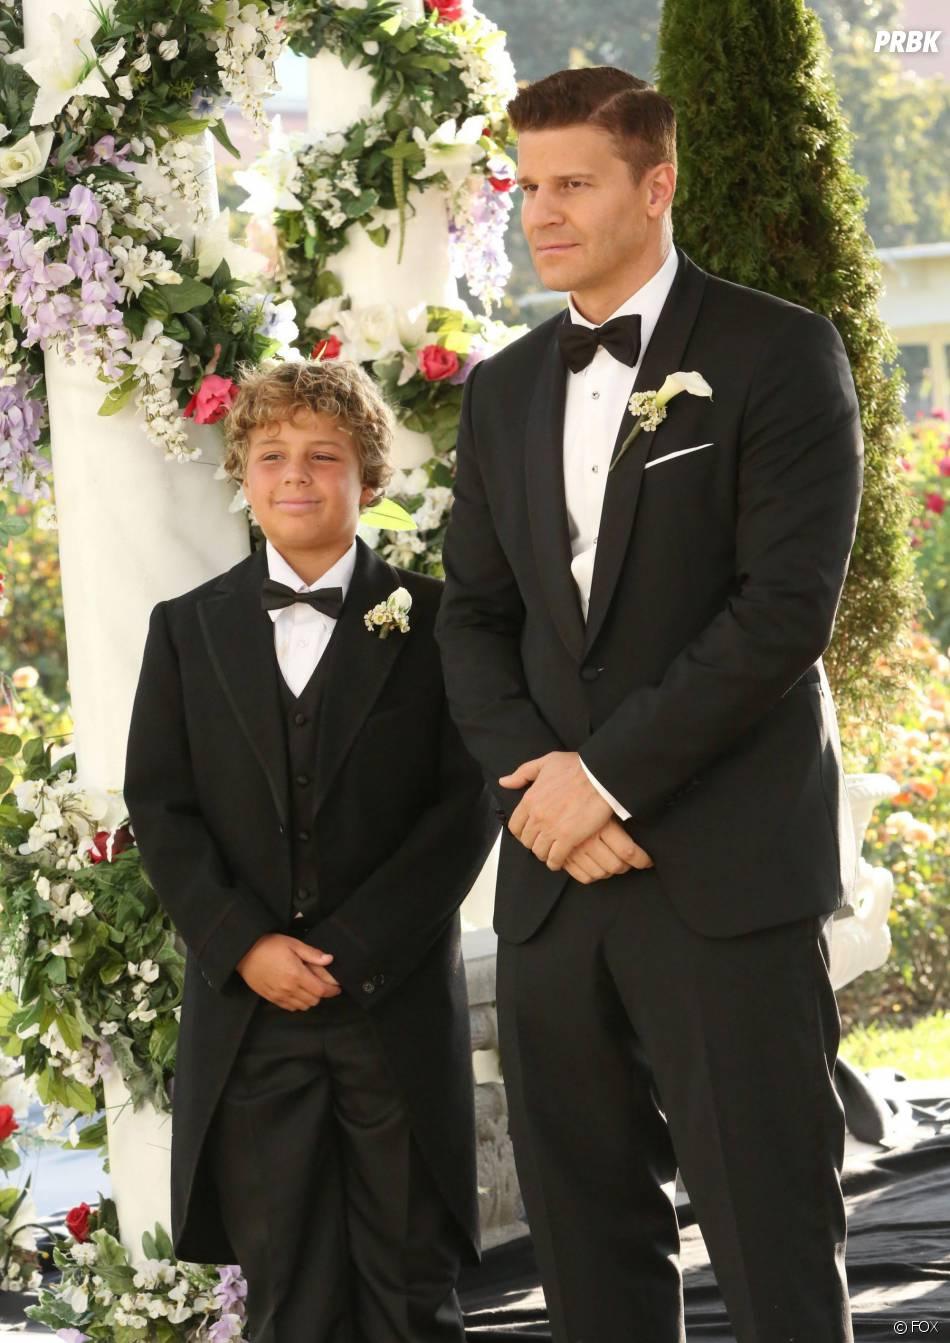 Bones saison 9, épisode 6 : Booth se marie